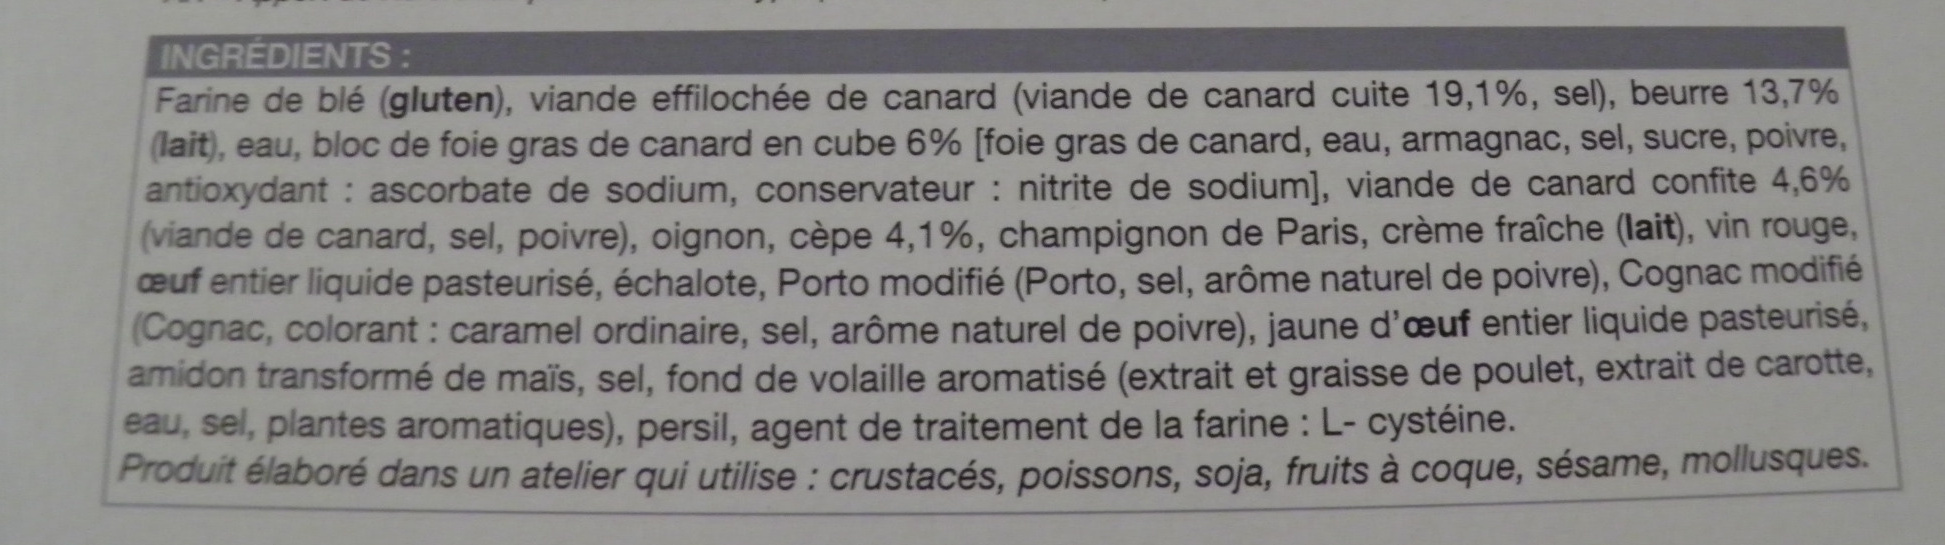 Tourte canard, cèpes, bloc de foie gras de canard - surgelée 450 g - Ingredients - fr